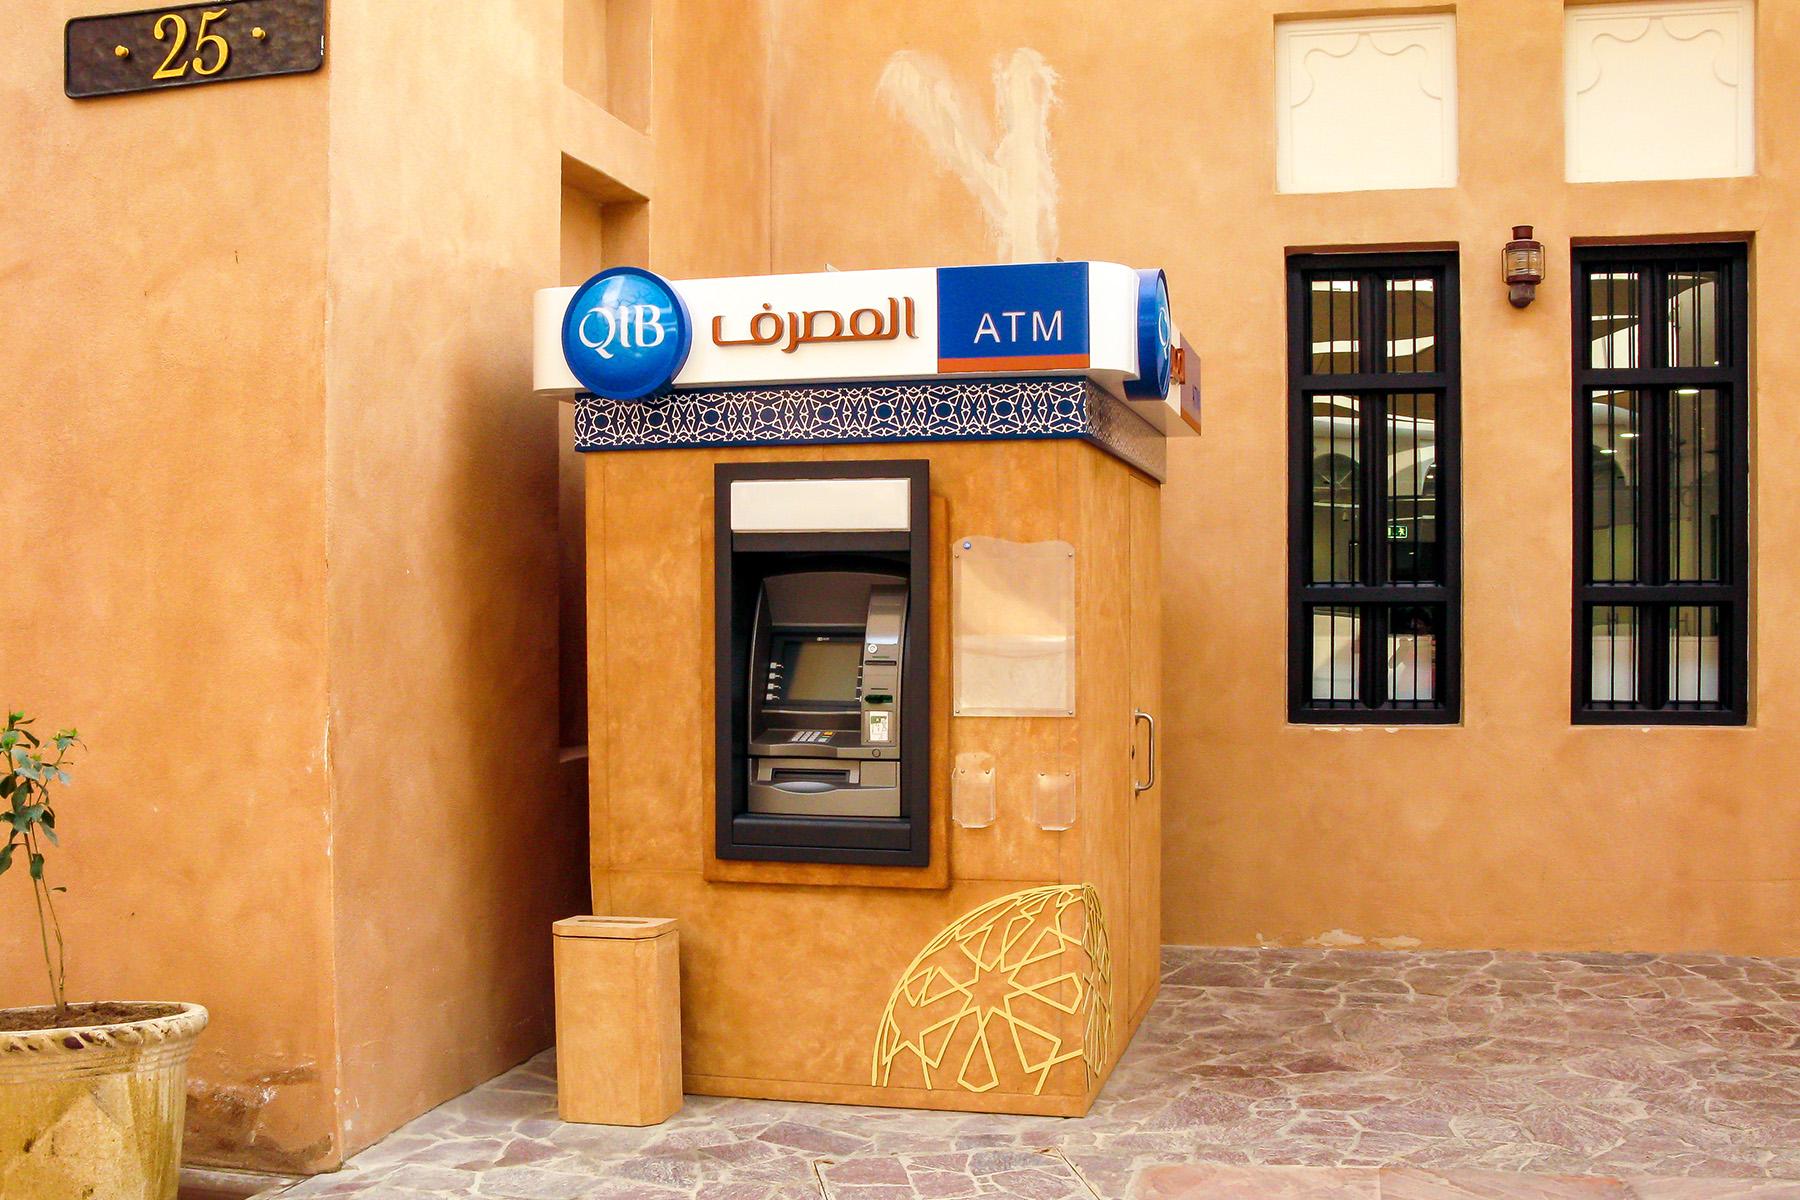 ATM in Doha